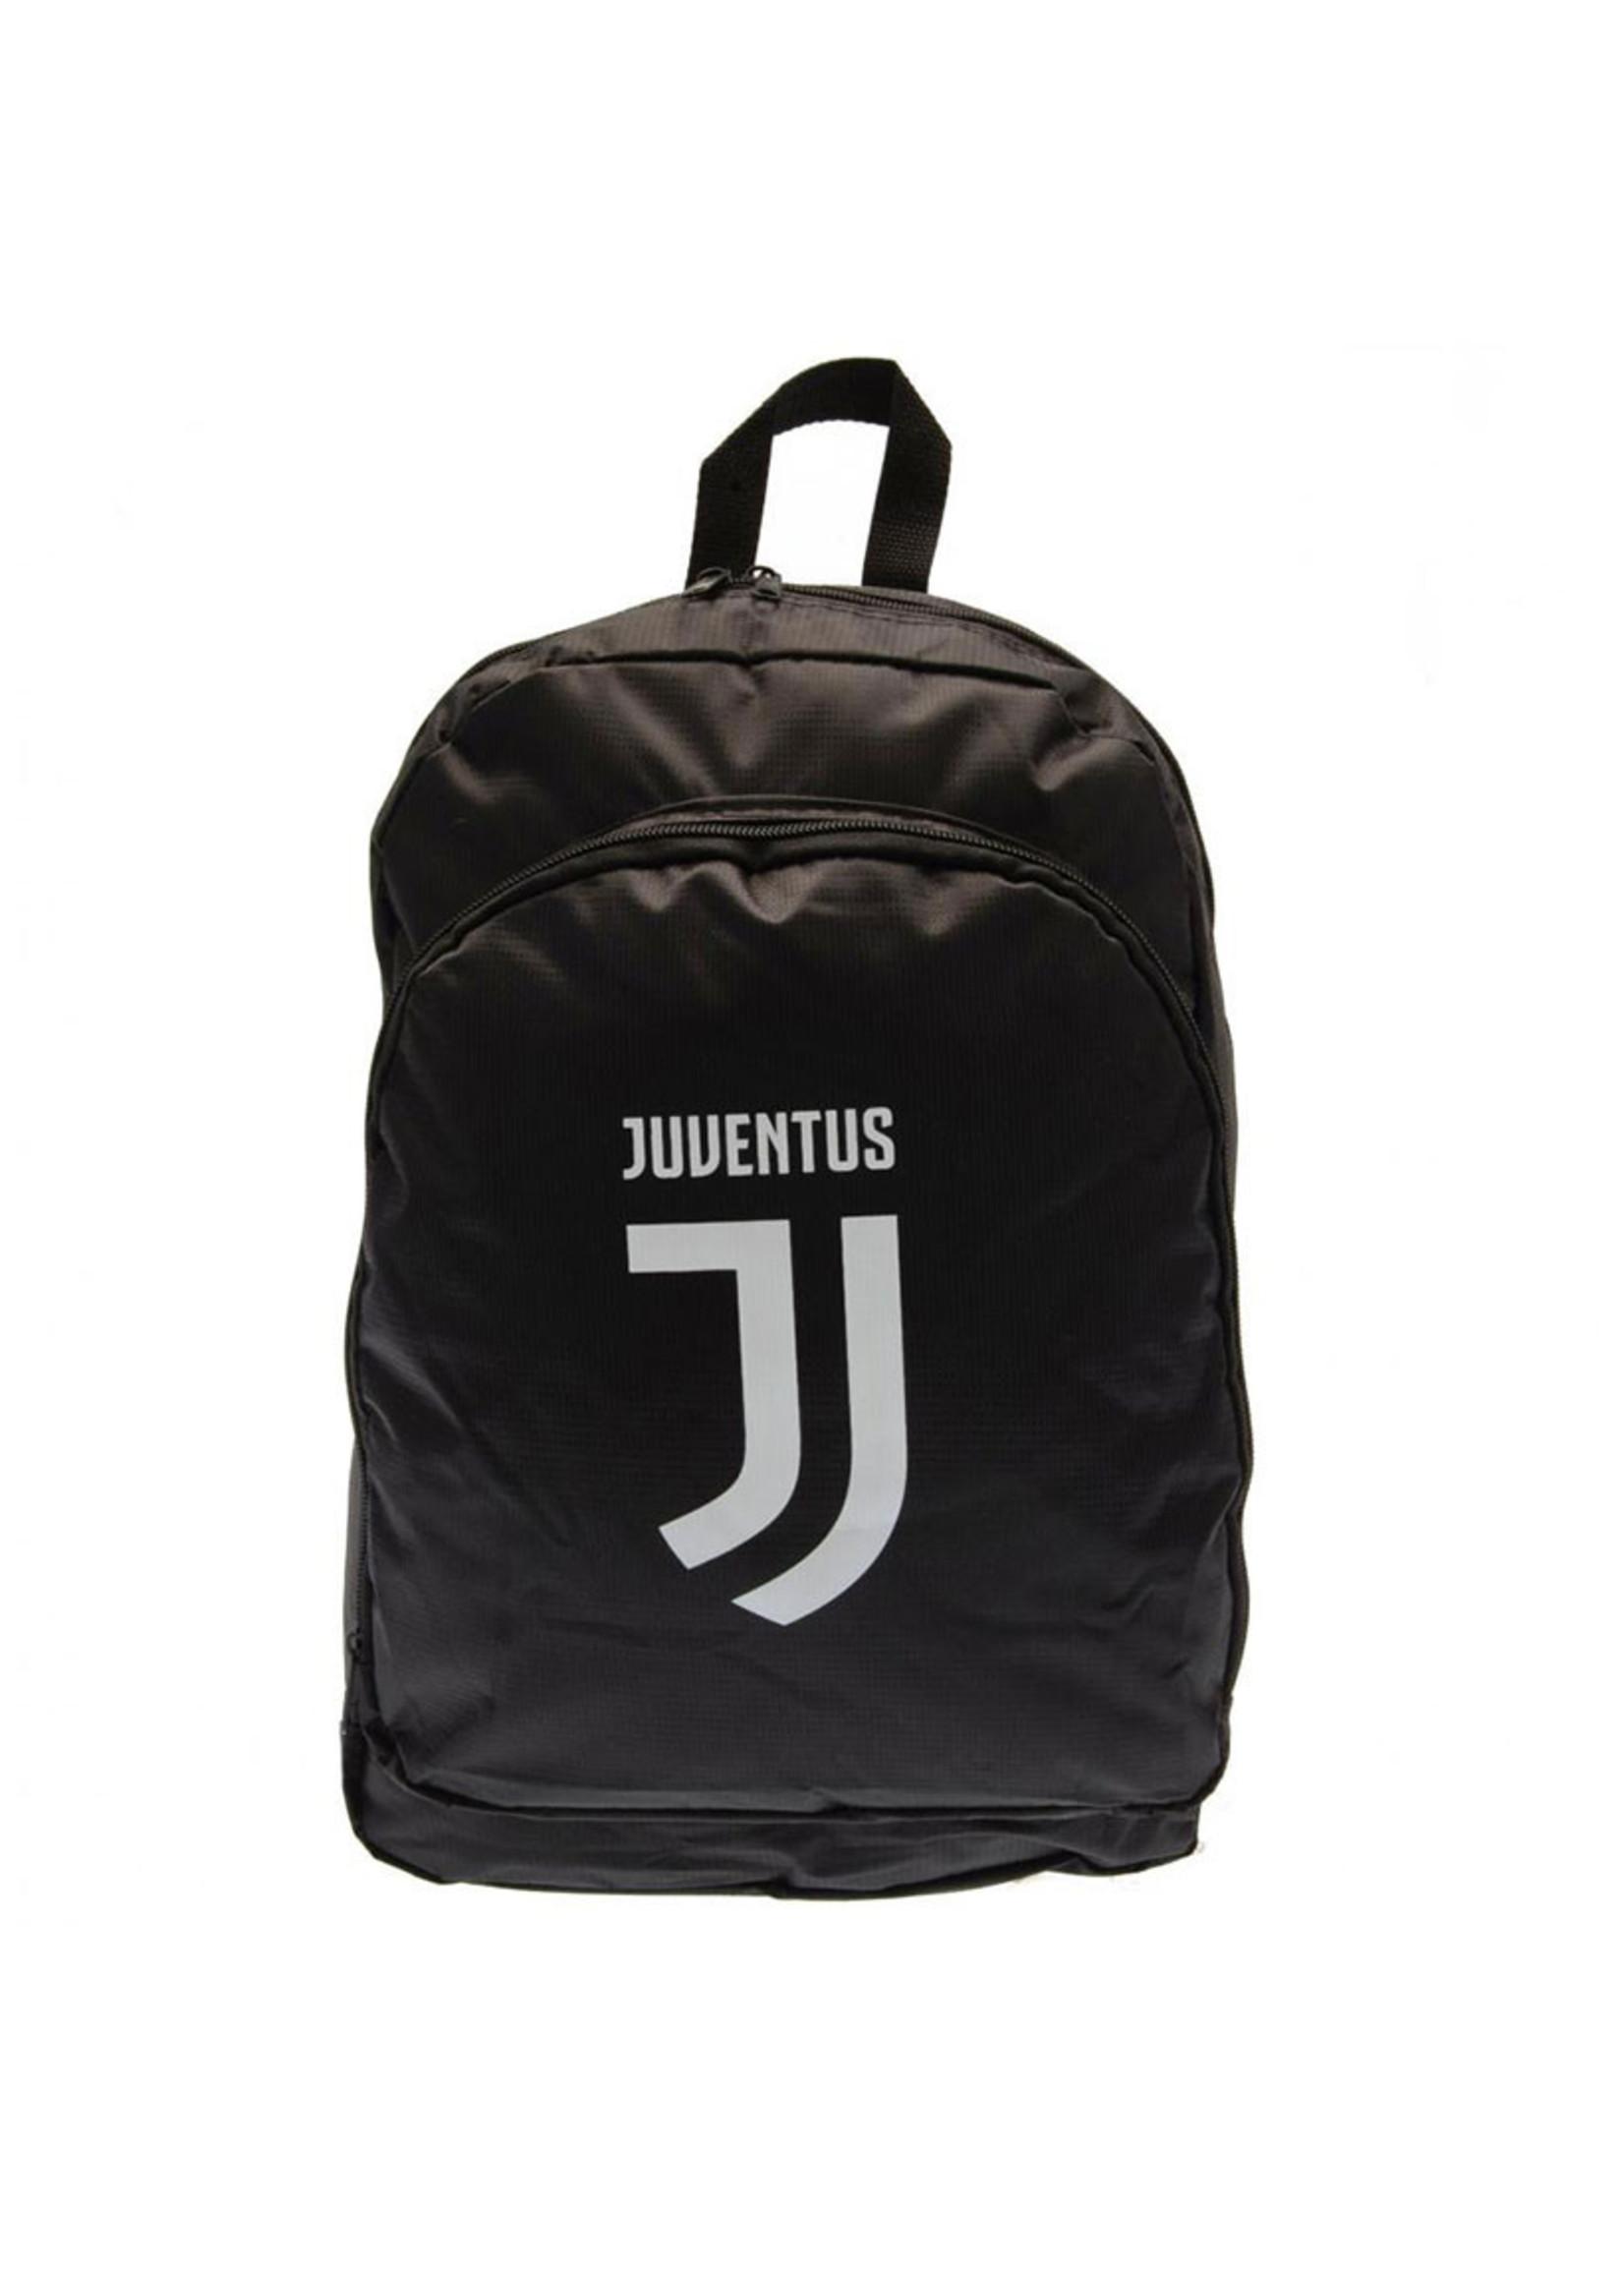 Juventus Crest Backpack